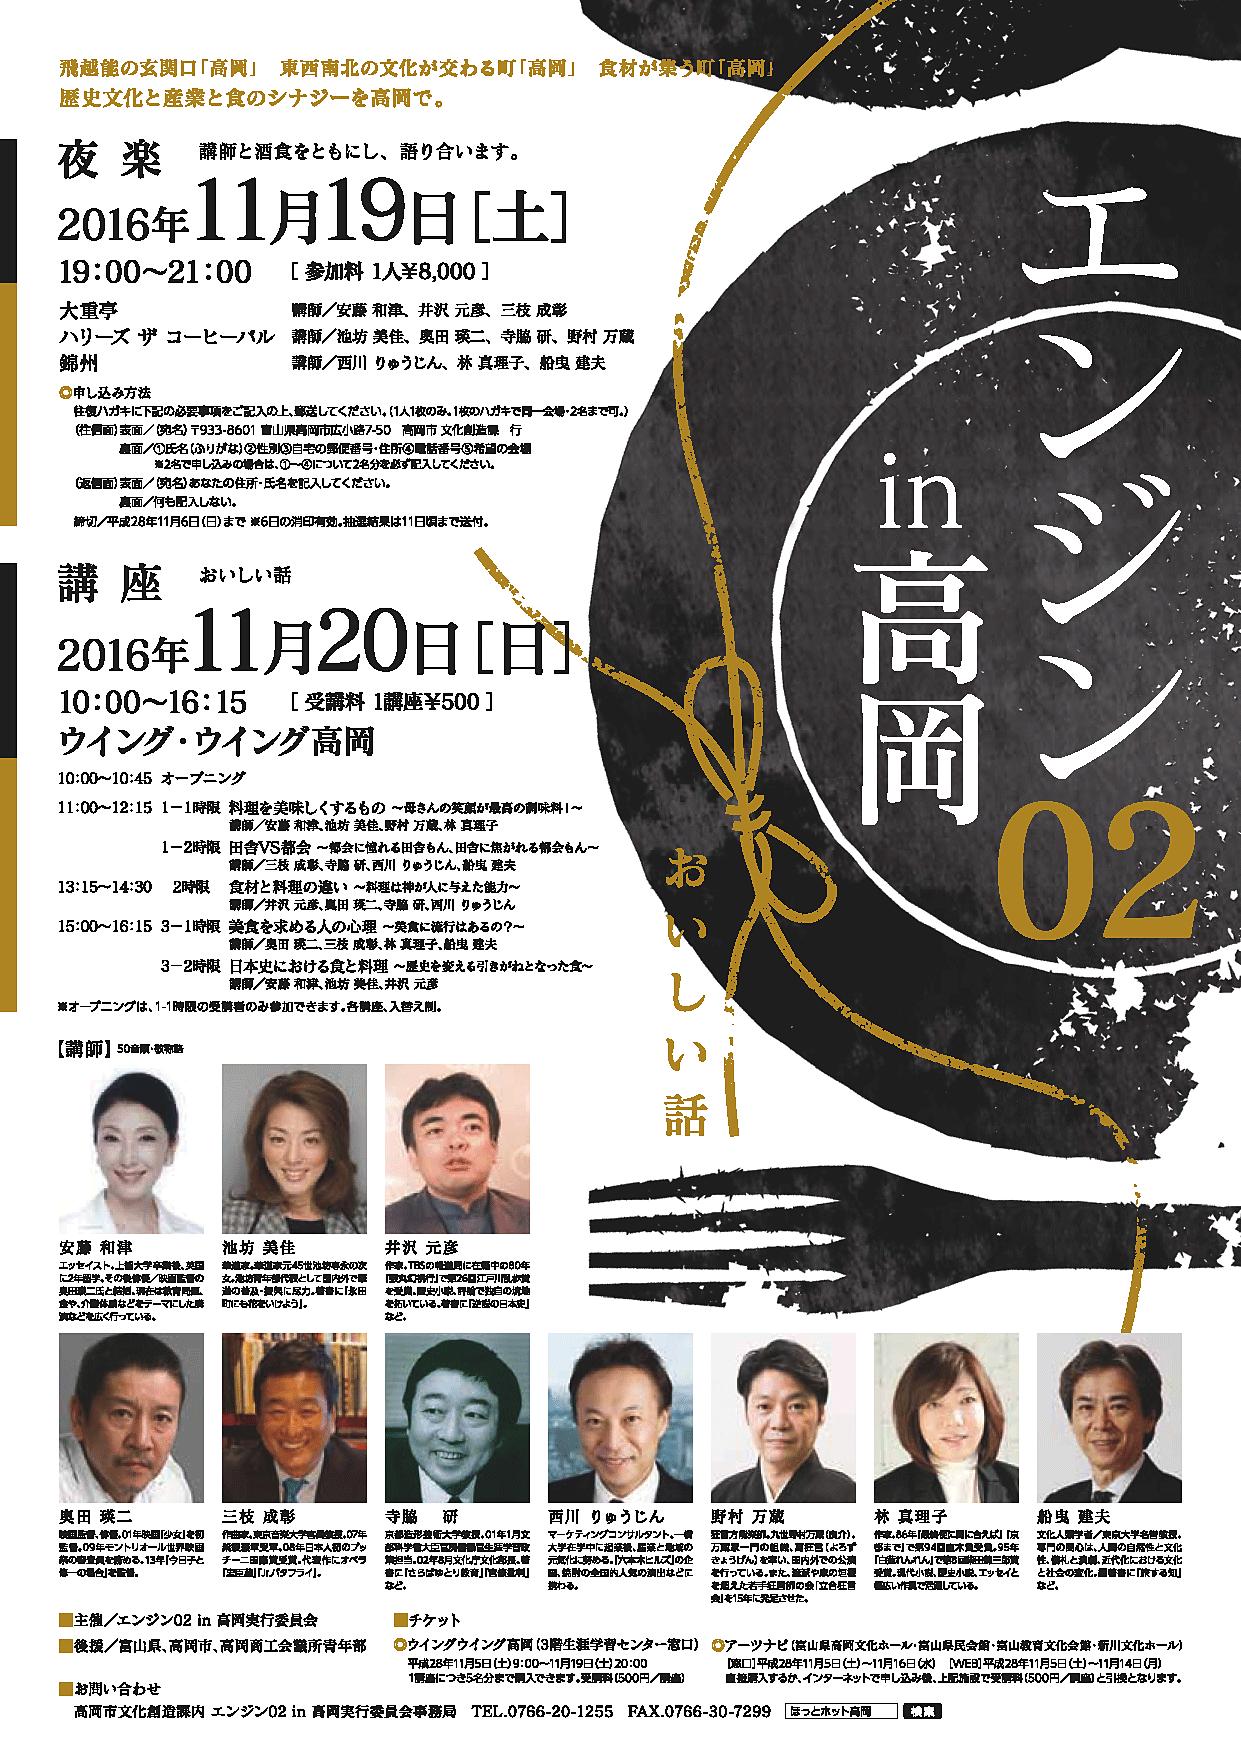 エンジン02in高岡